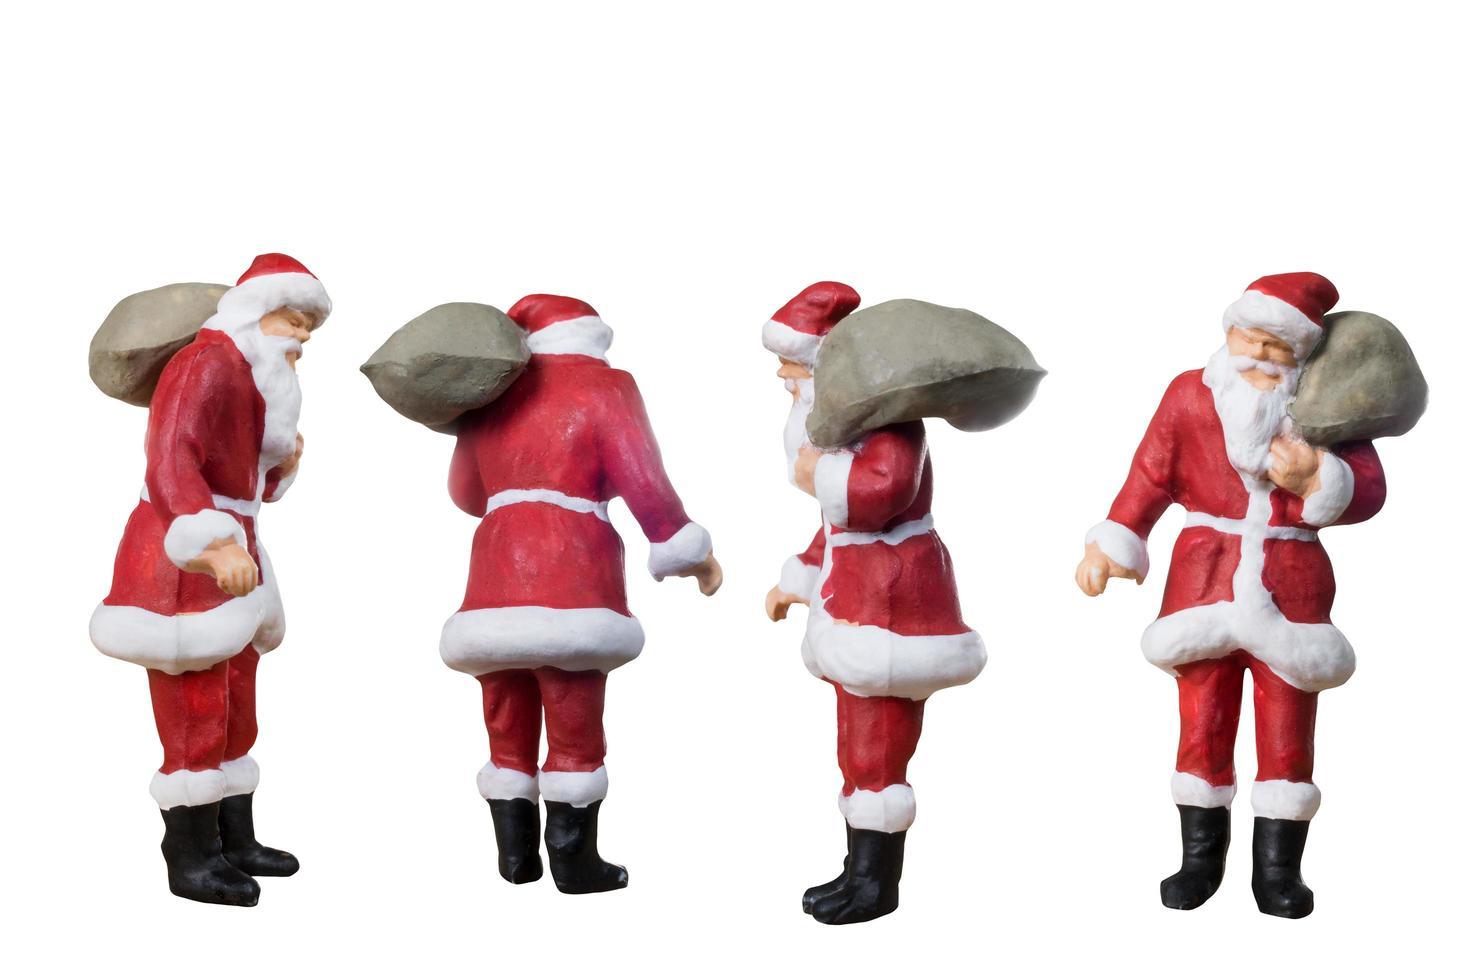 Papai Noel em miniatura carregando uma bolsa isolada em um fundo branco foto